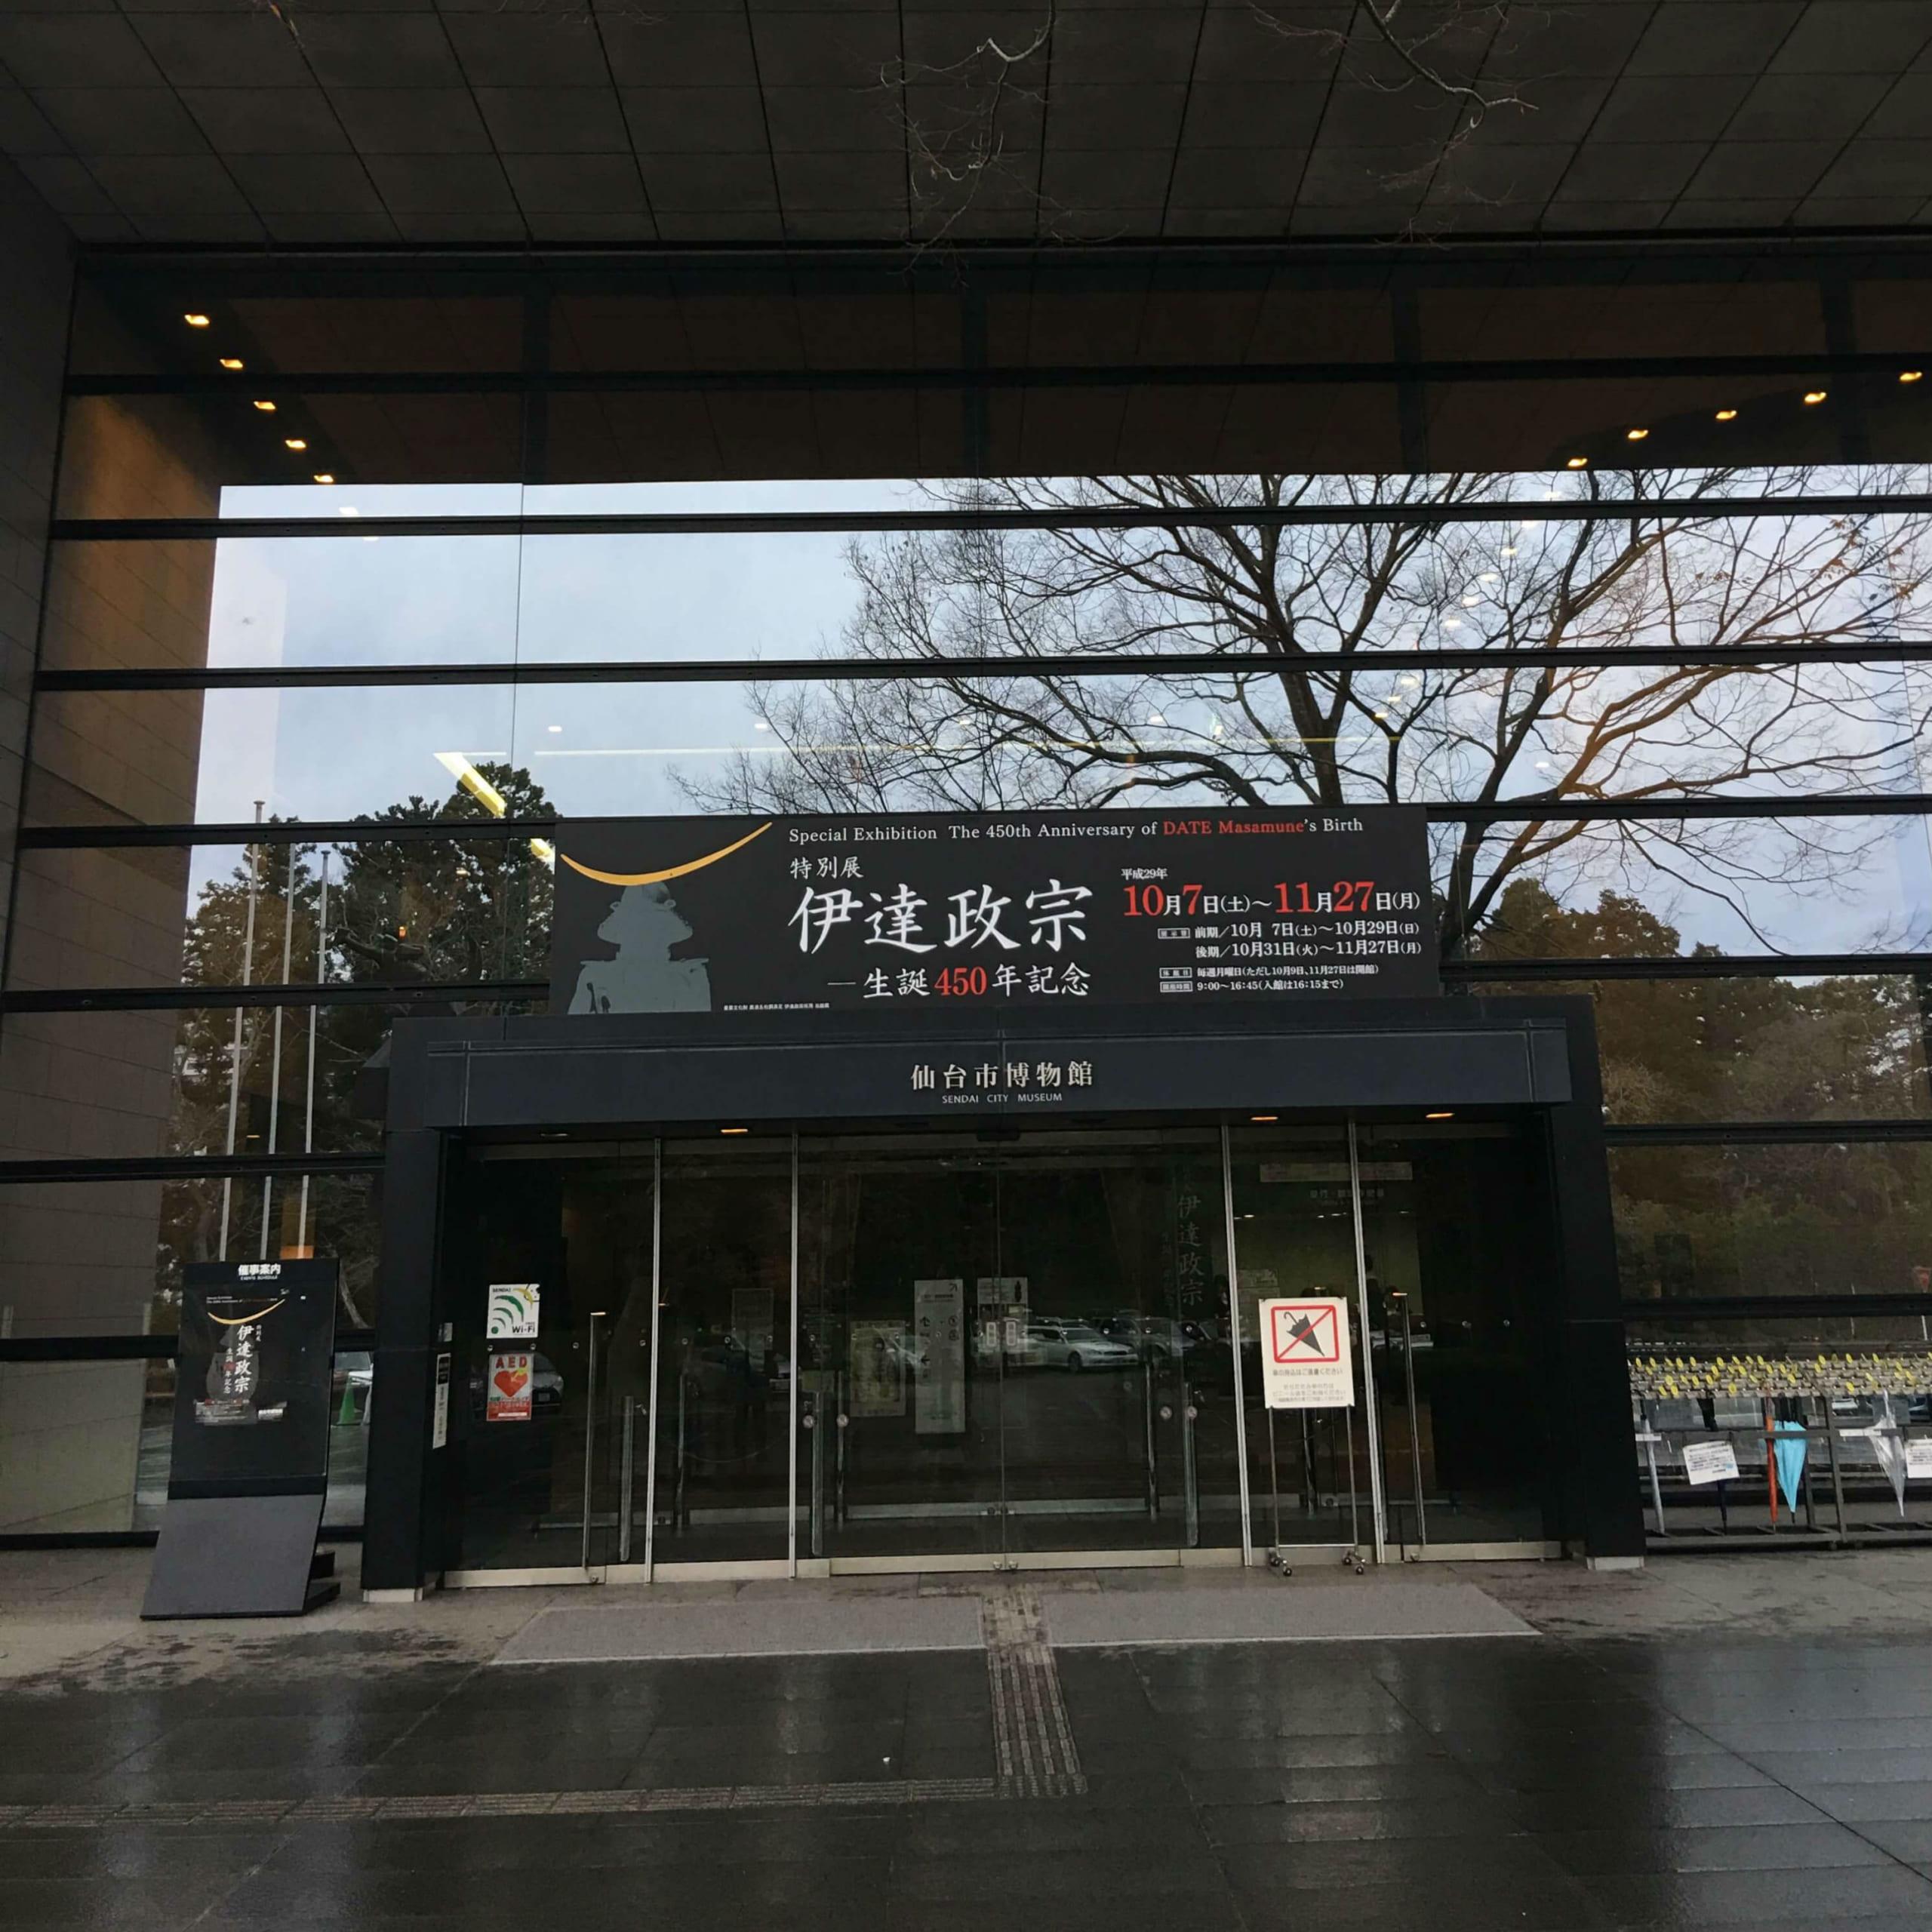 仙台市博物館で開催された「特別展 伊達政宗」へ